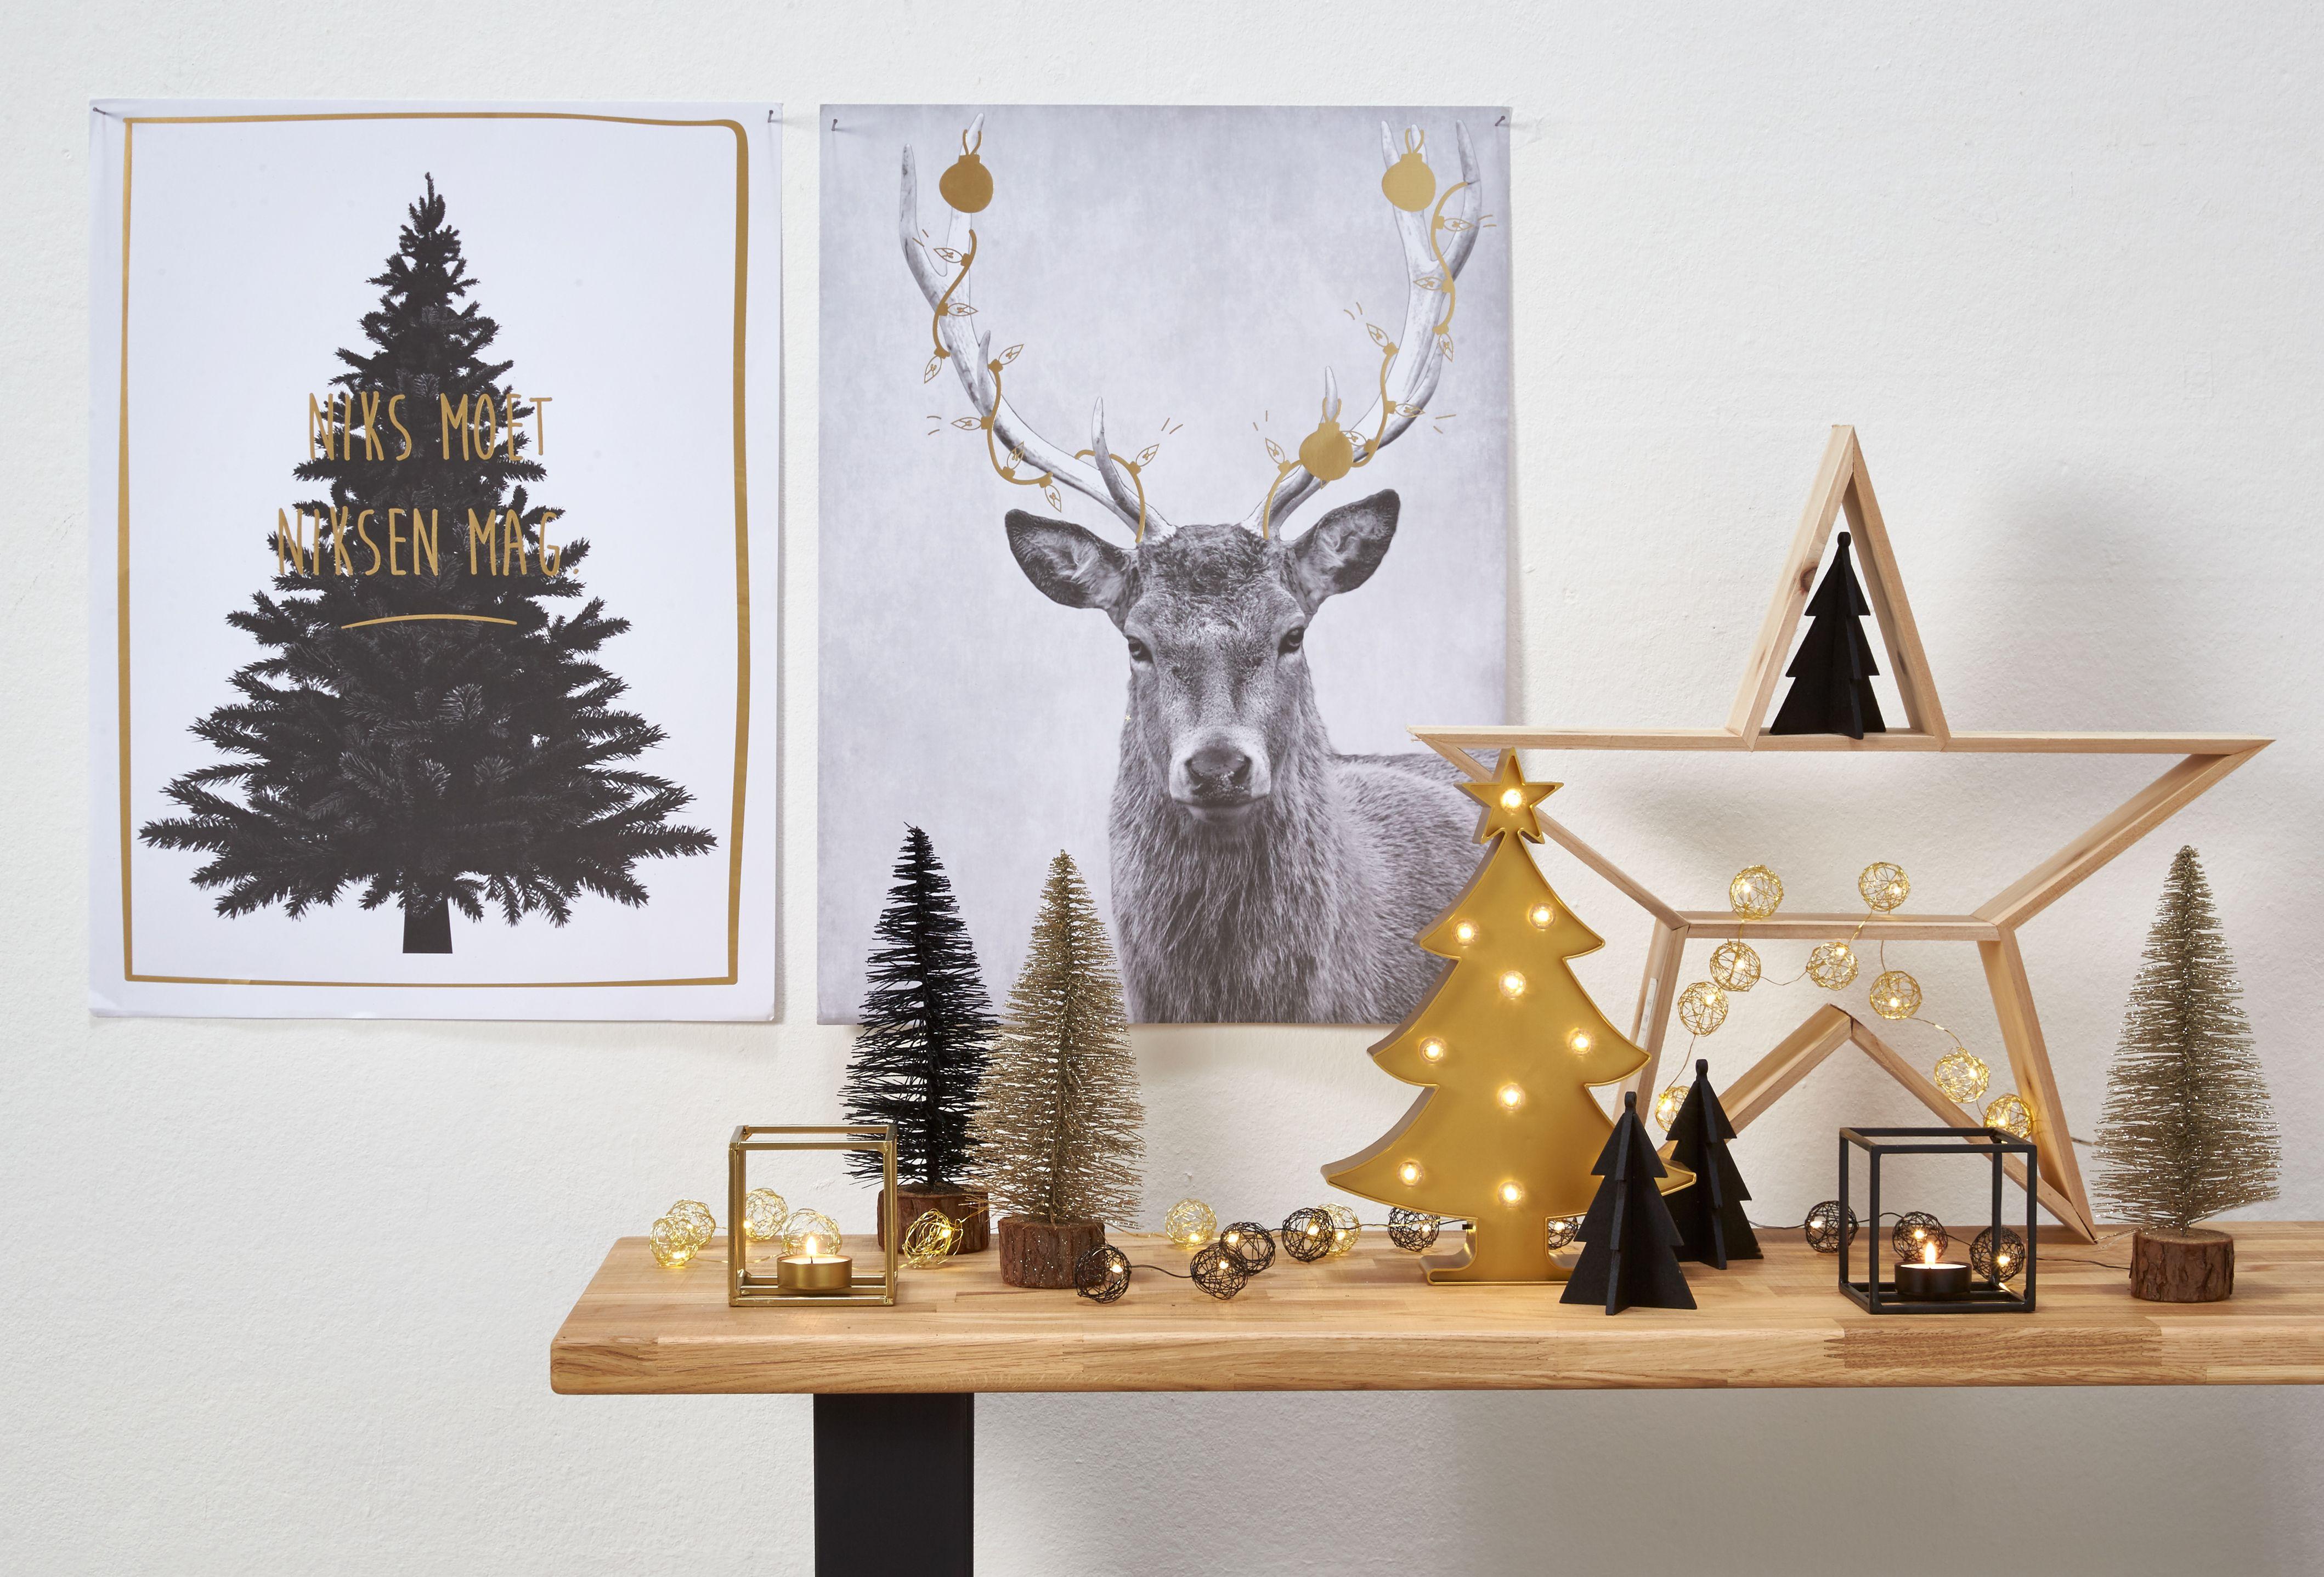 Witte Kerst Huis : Kerst in huis zó fijn om het thuis helemaal gezellig te maken met